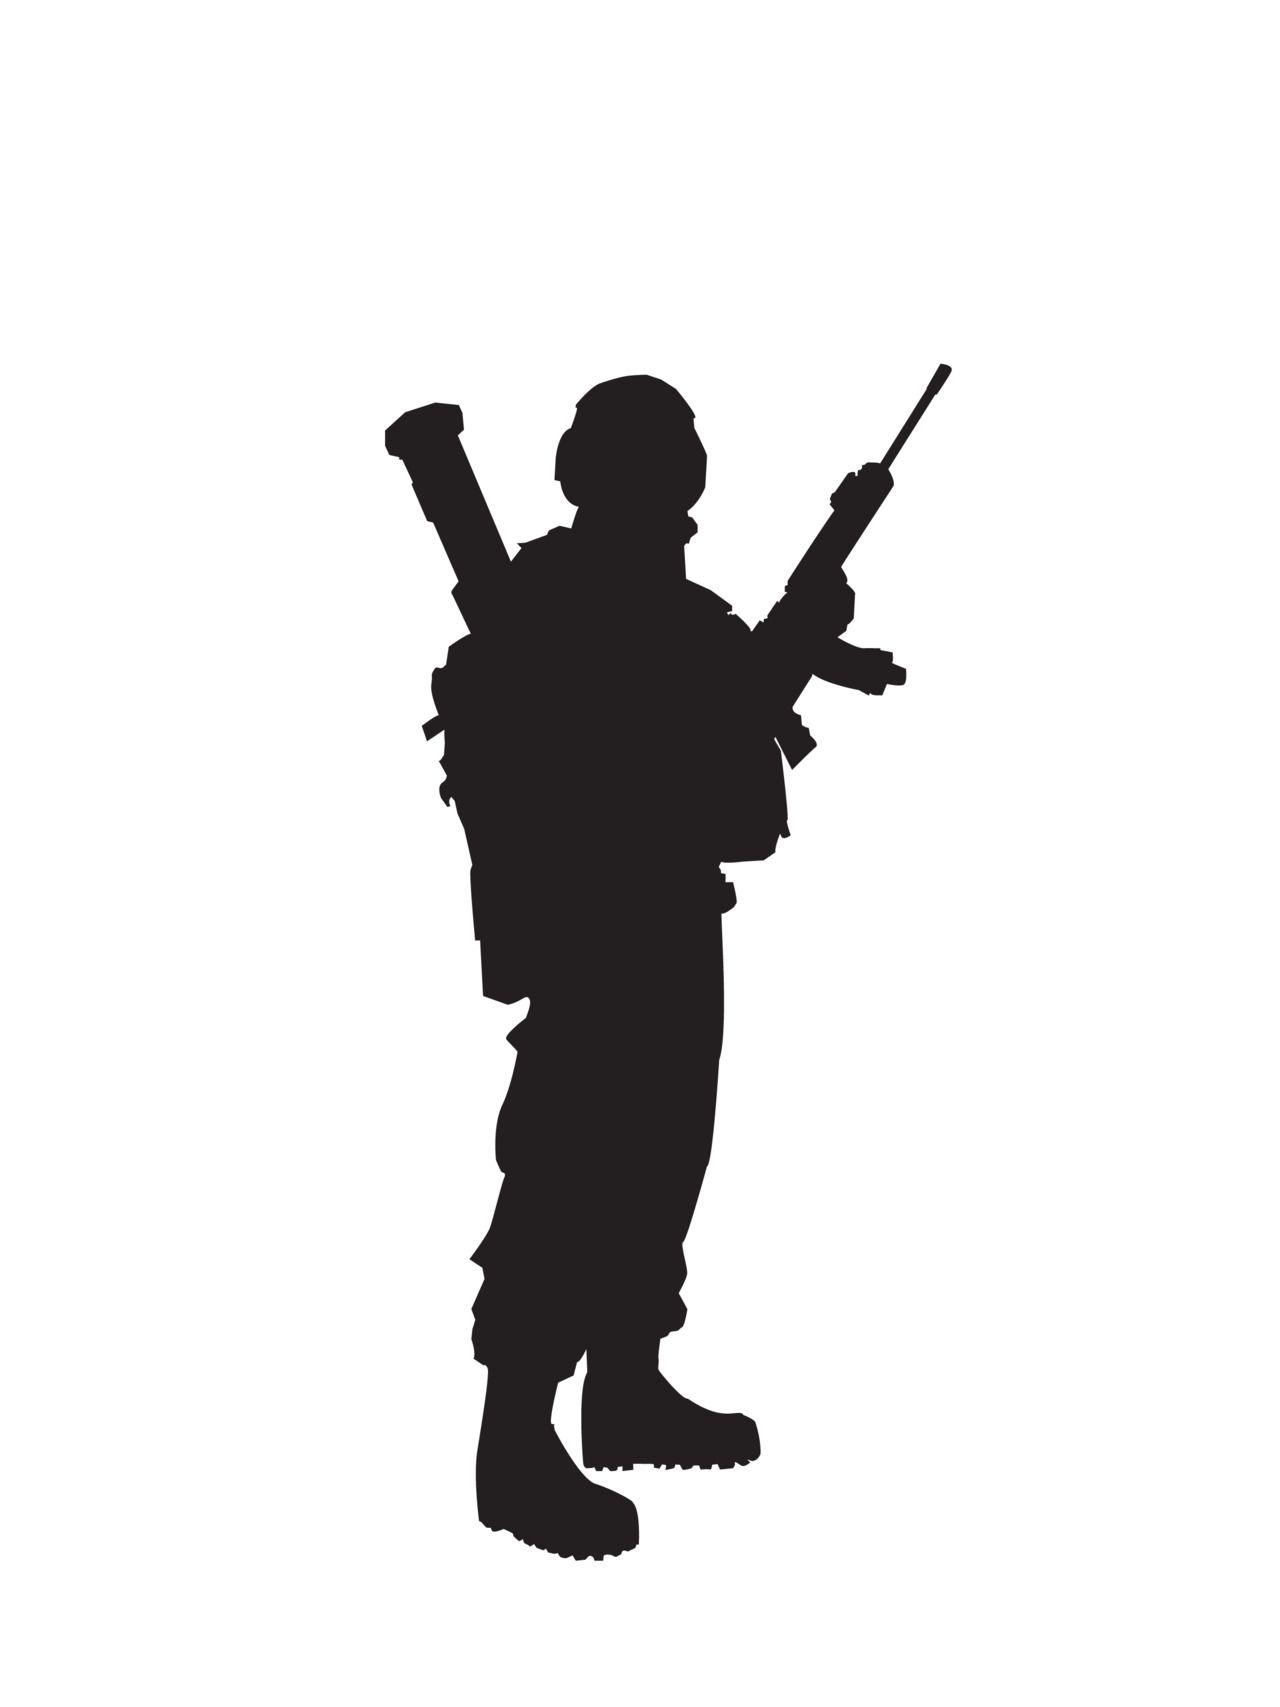 1280x1707 Soldier Silhouette. Semper Fi Soldier Silhouette